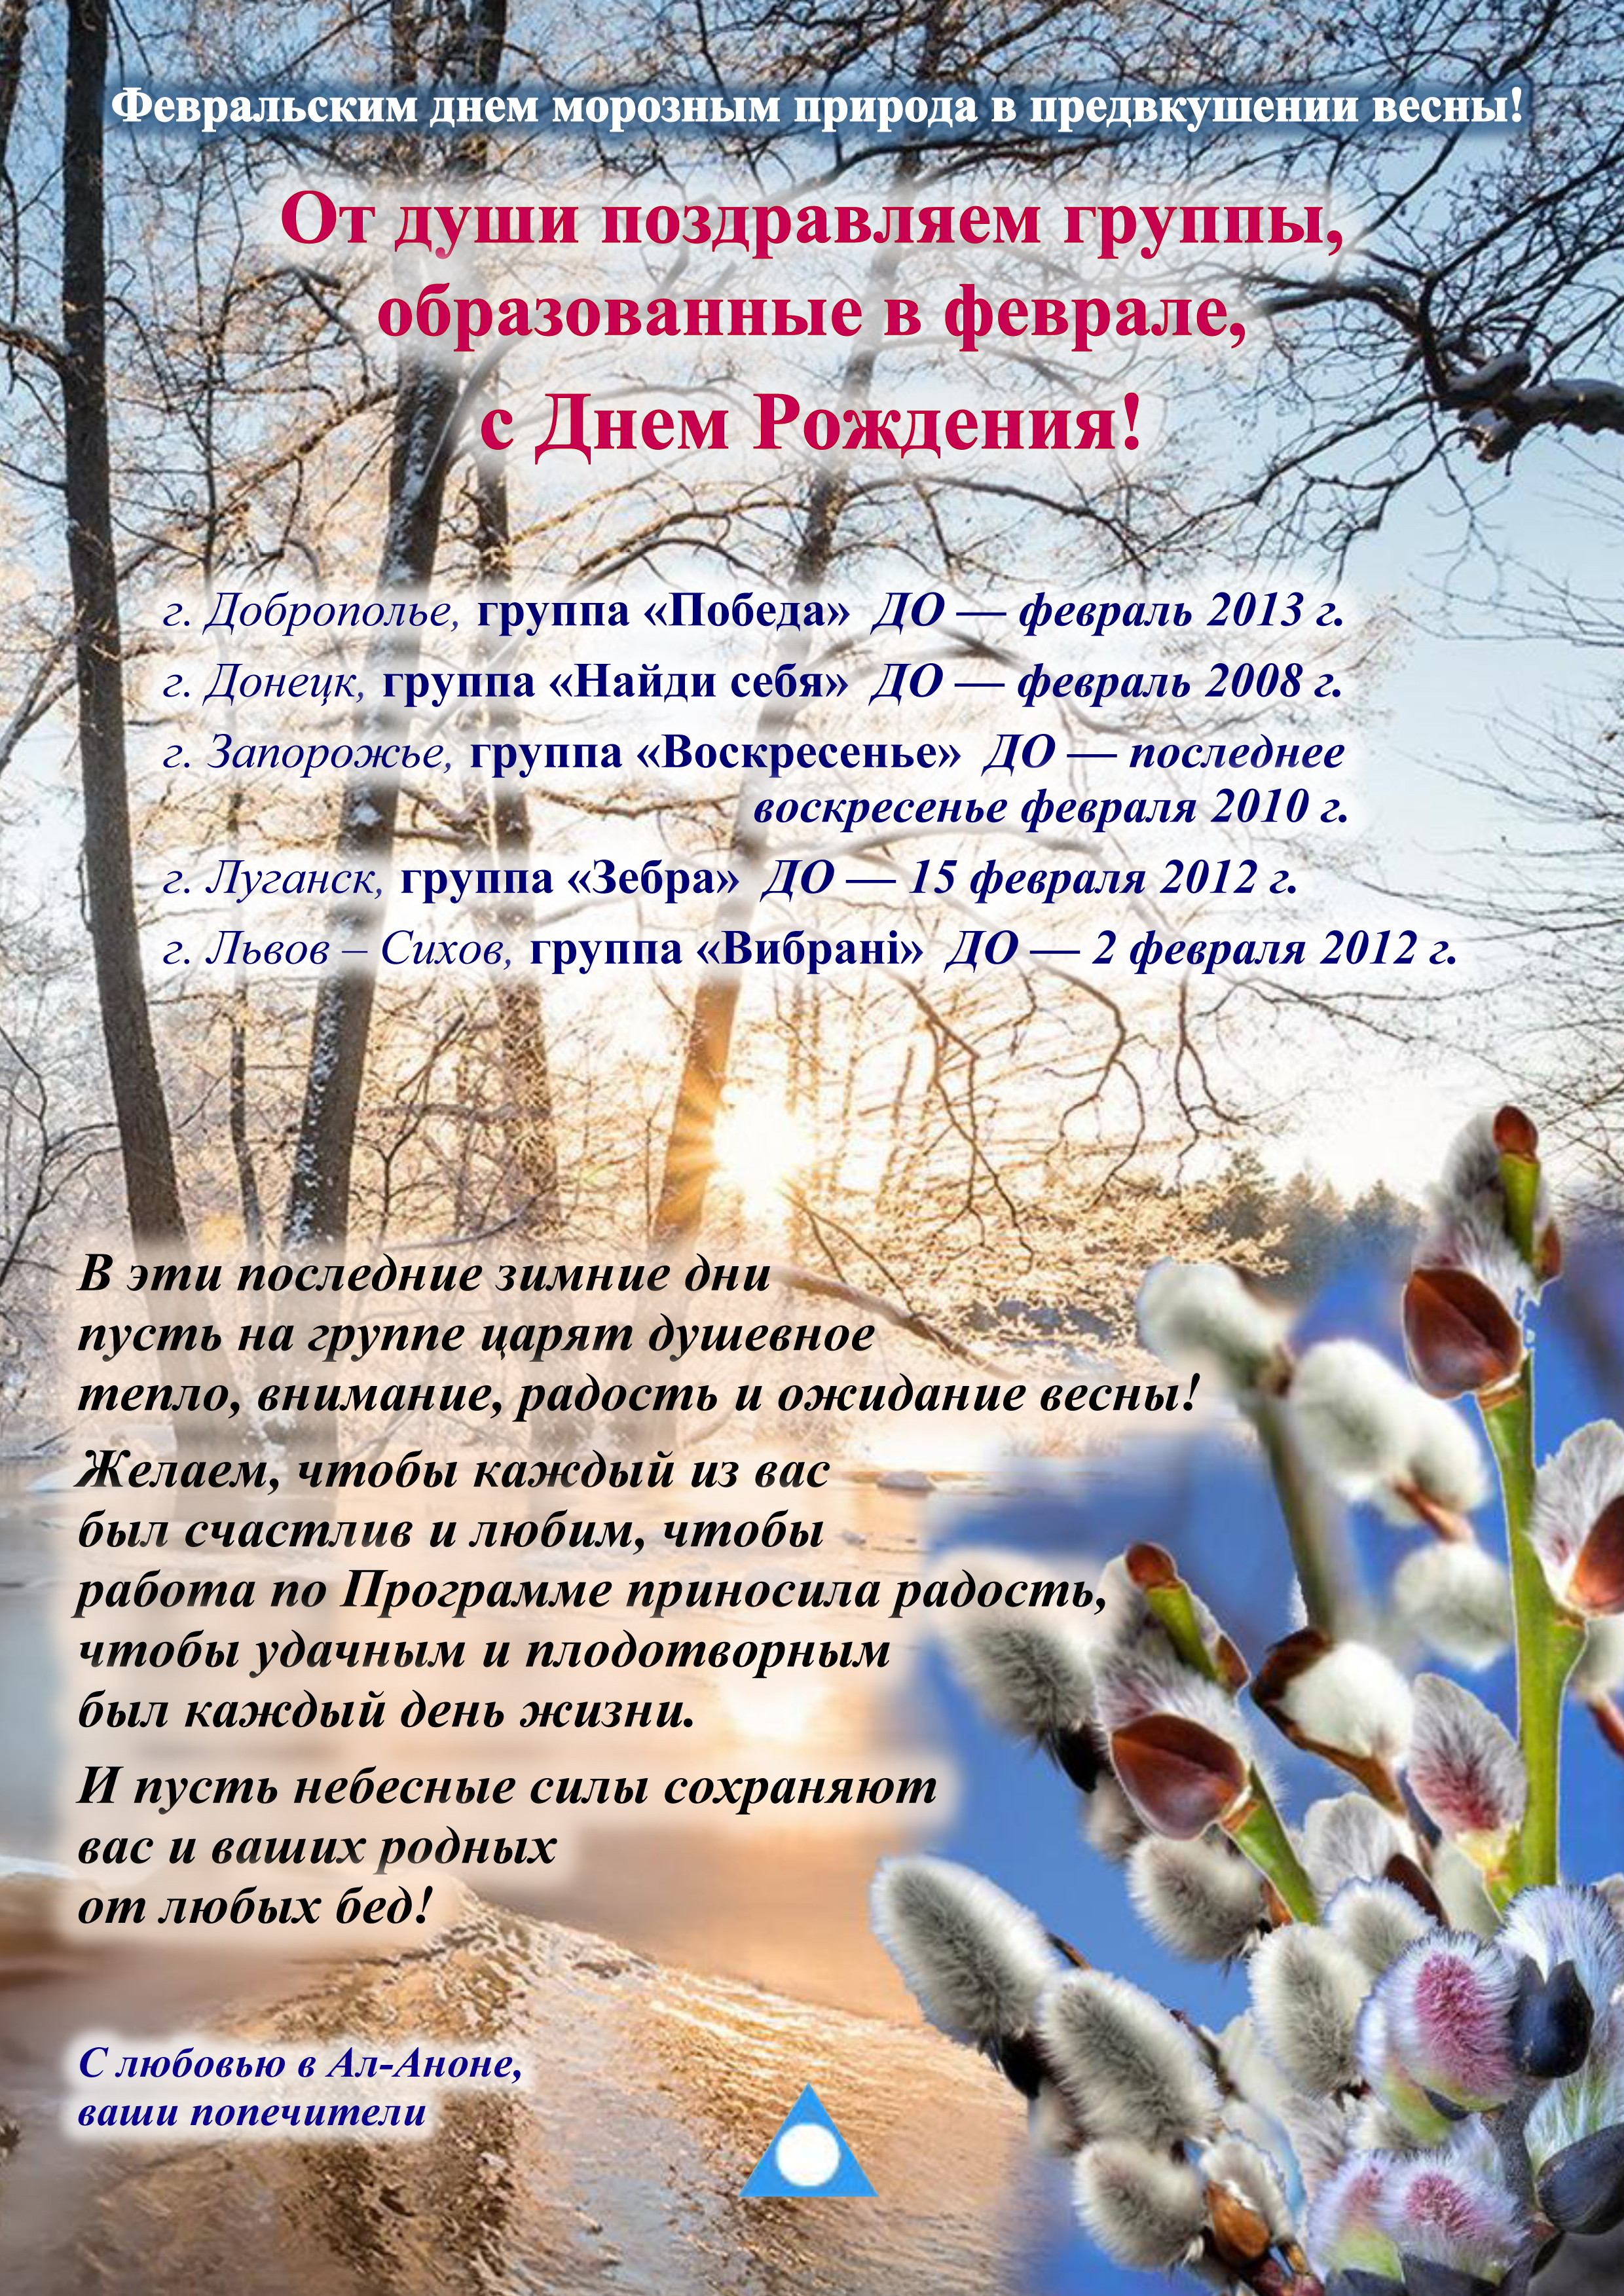 Поздравление_февраль1